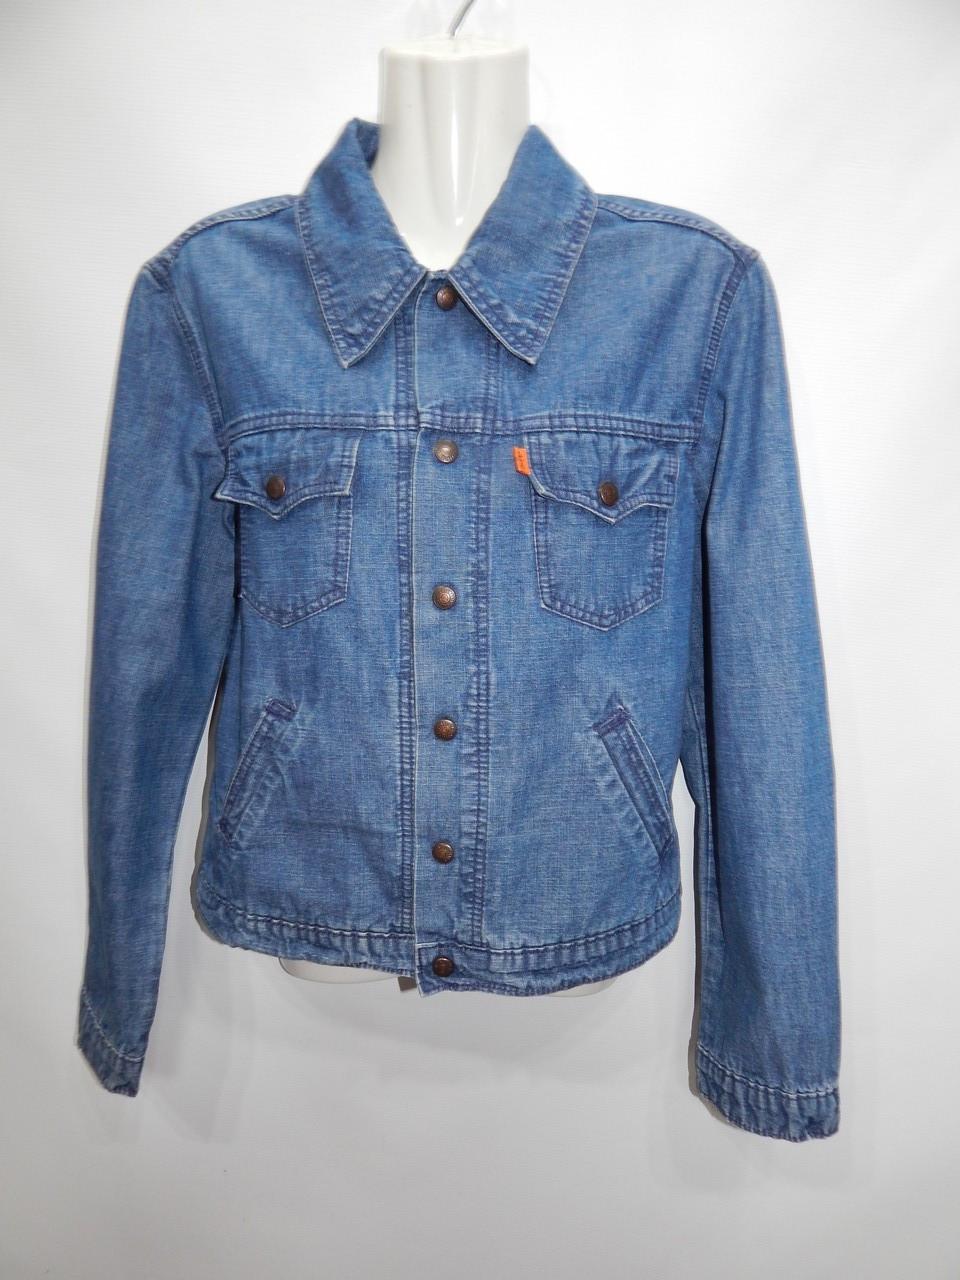 Куртка джинсовая женская LEVI^S Vintage, RUS р.46-48, EUR 38 068DG